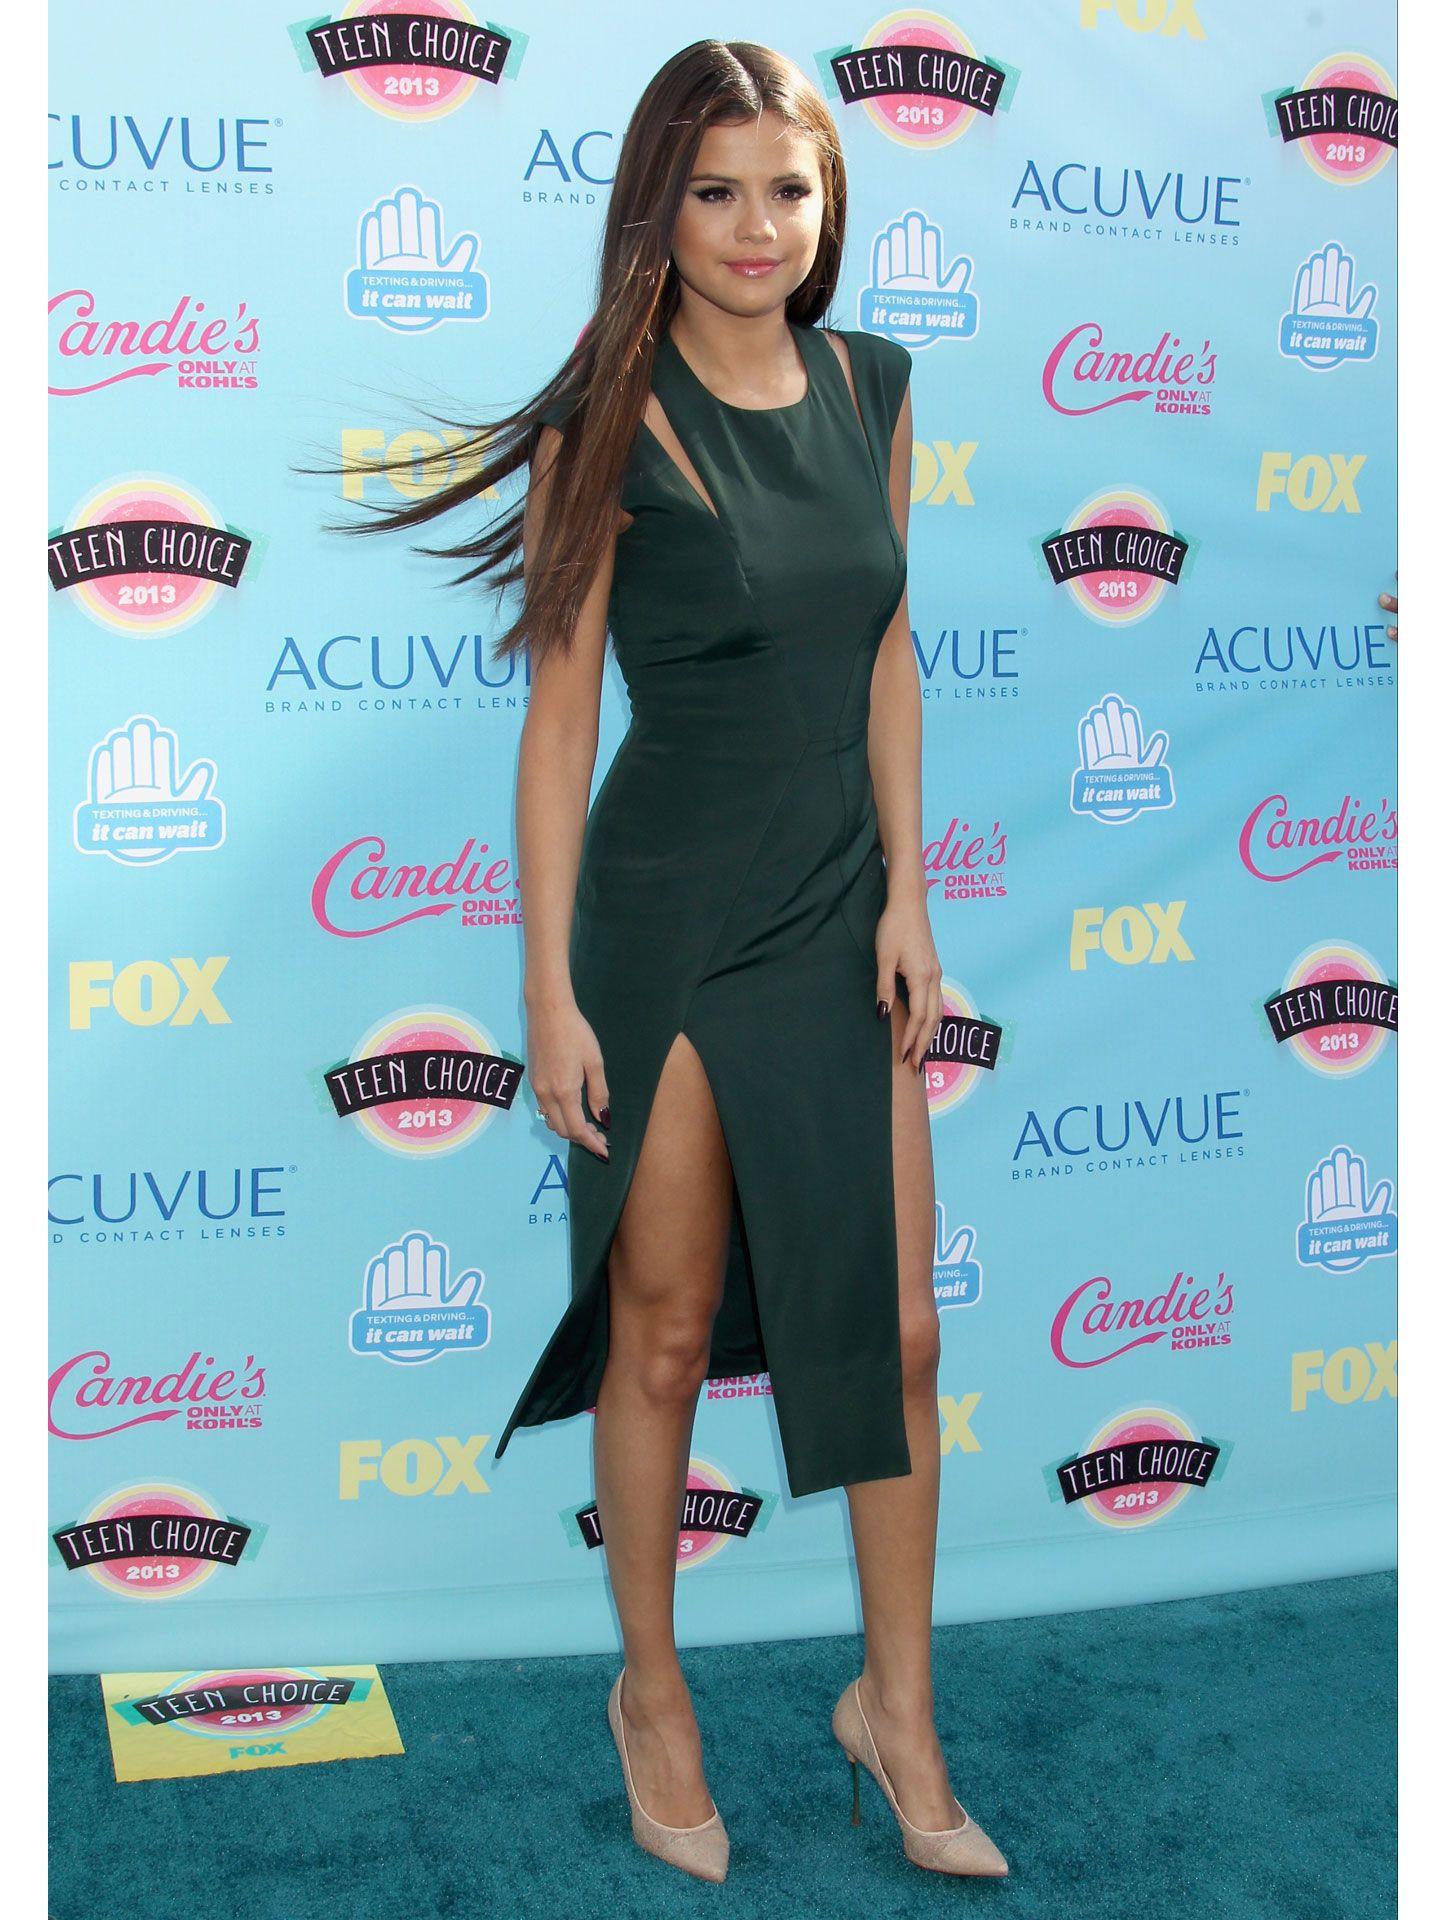 Selena Gomez Pictures - Pics of Selena Gomez Through the Years